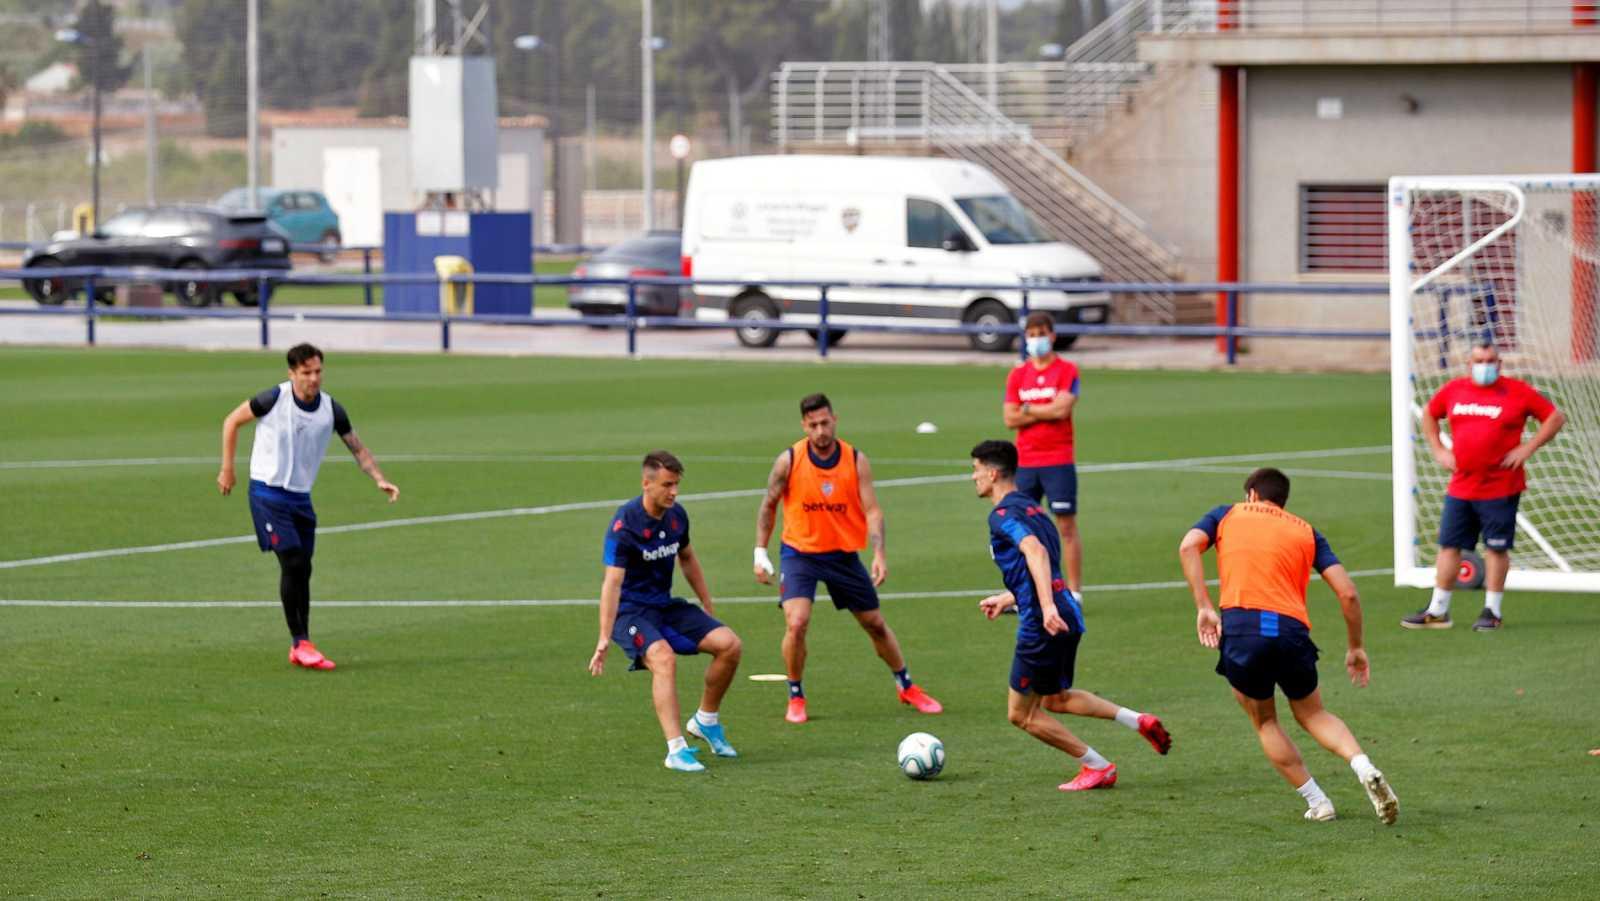 Vídeo: El fútbol volverá en España el próximo 11 de junio